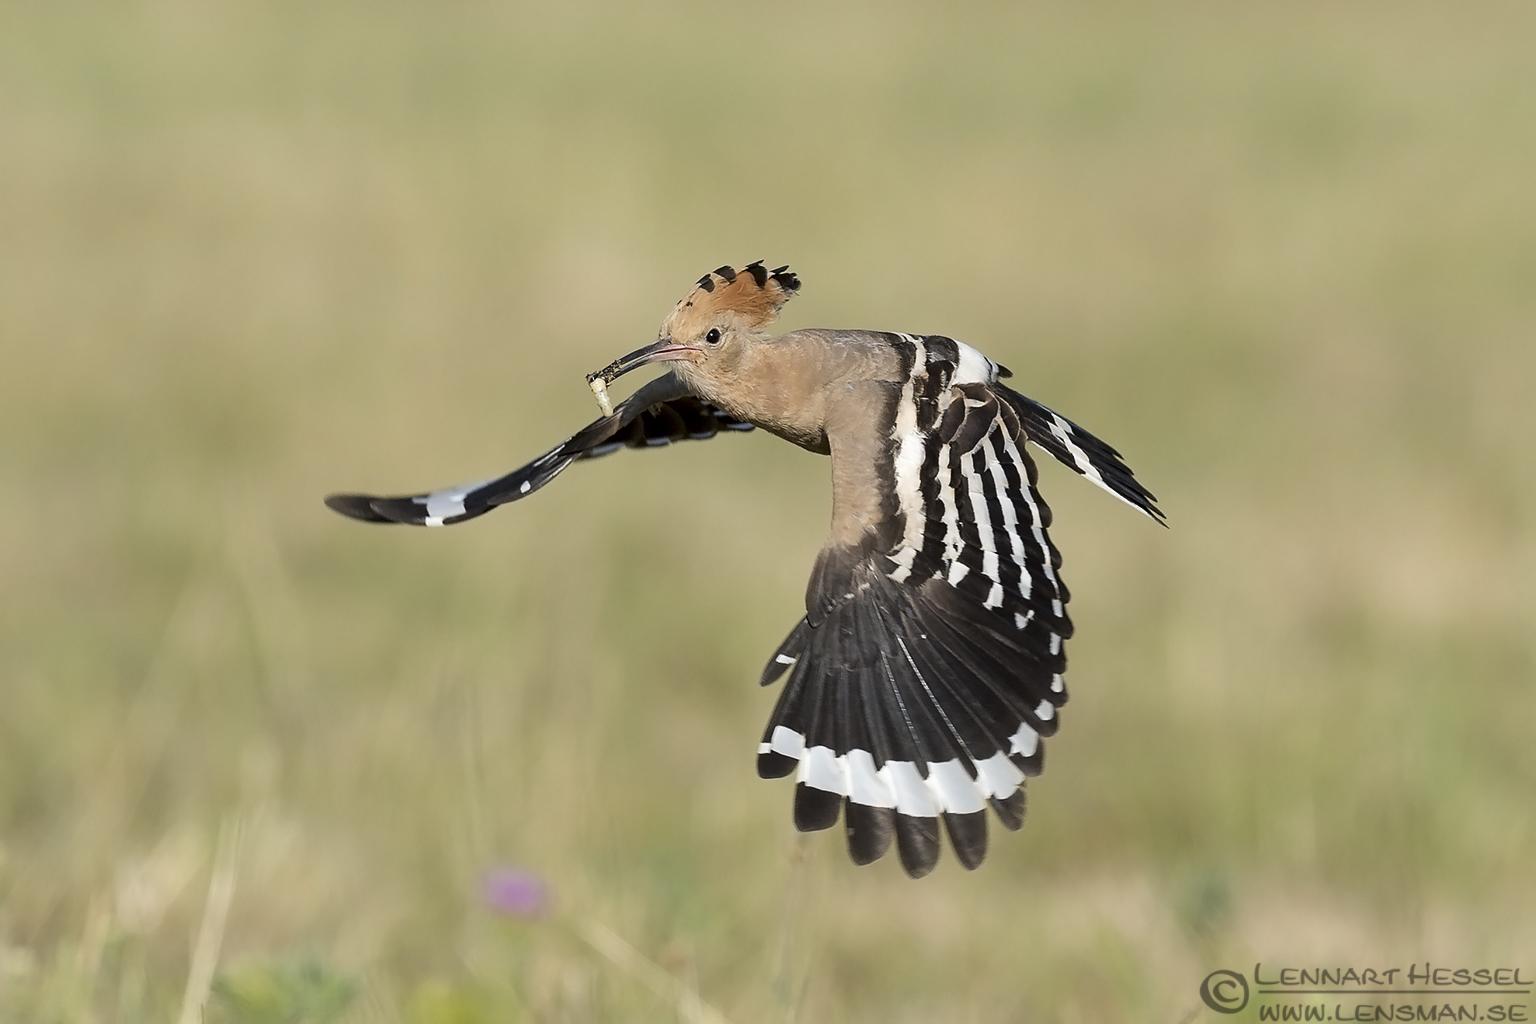 Flying Hoopoe bee-eater